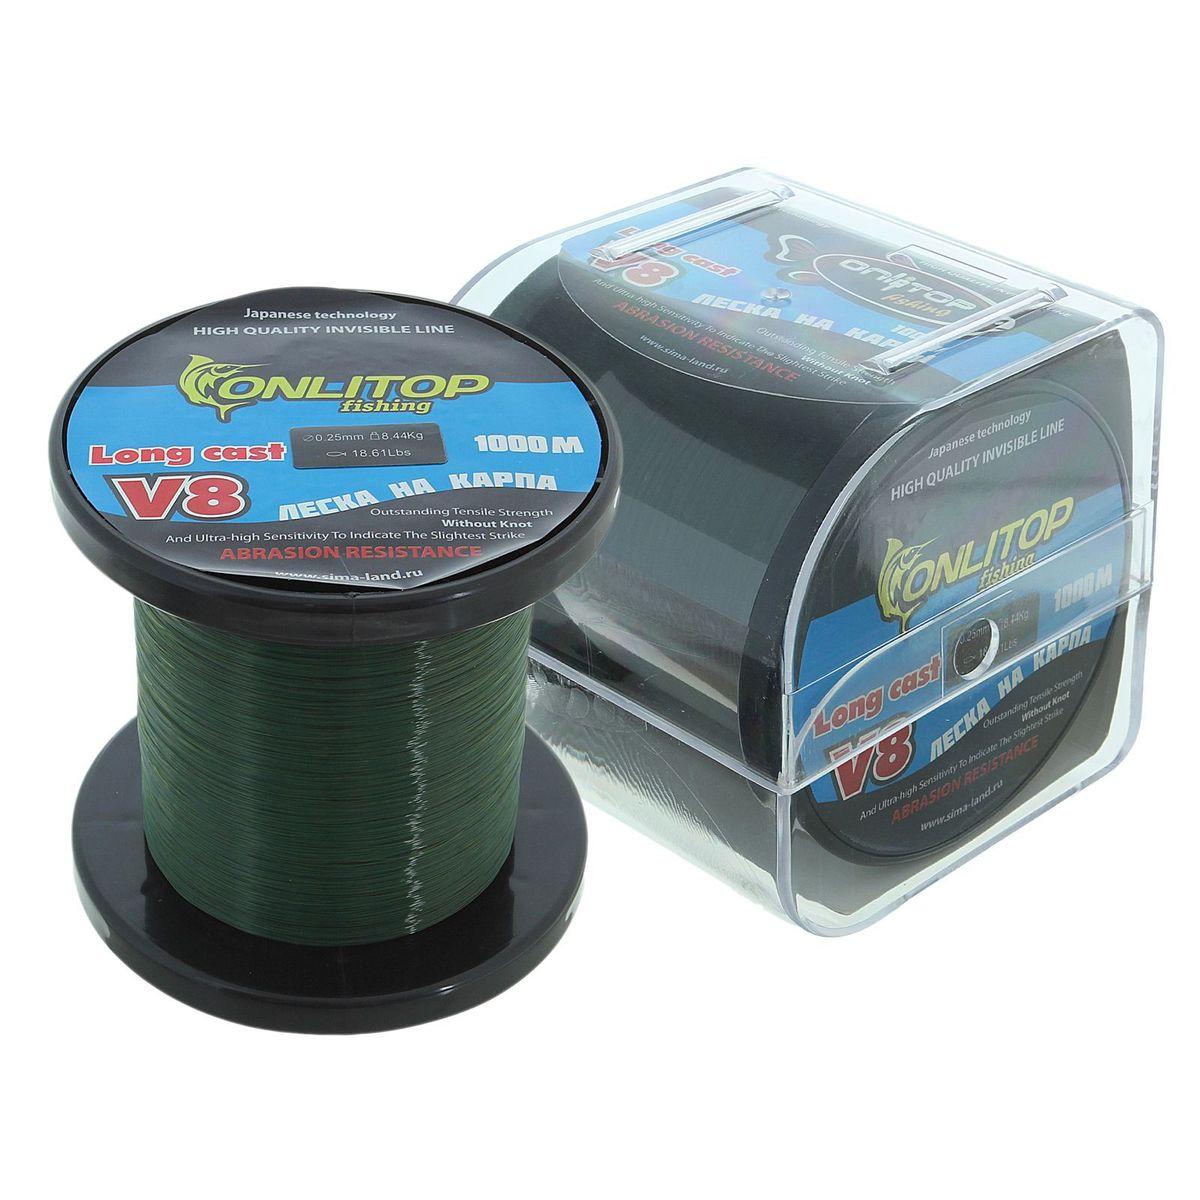 Леска Onlitop V8, на карпа, цвет: темно-зеленый, 1000 м, 0,25 мм, 8,44 кгPGPS7797CIS08GBNVВо время технологического процесса волокна сплетаются и специально разработанным способом сплавляются в единое целое. В ходе такой обработки леска становится прочнее, чем совокупность составляющих ее волокон. Таким образом получается оптимальный синтез монофильной и плетеной лески.